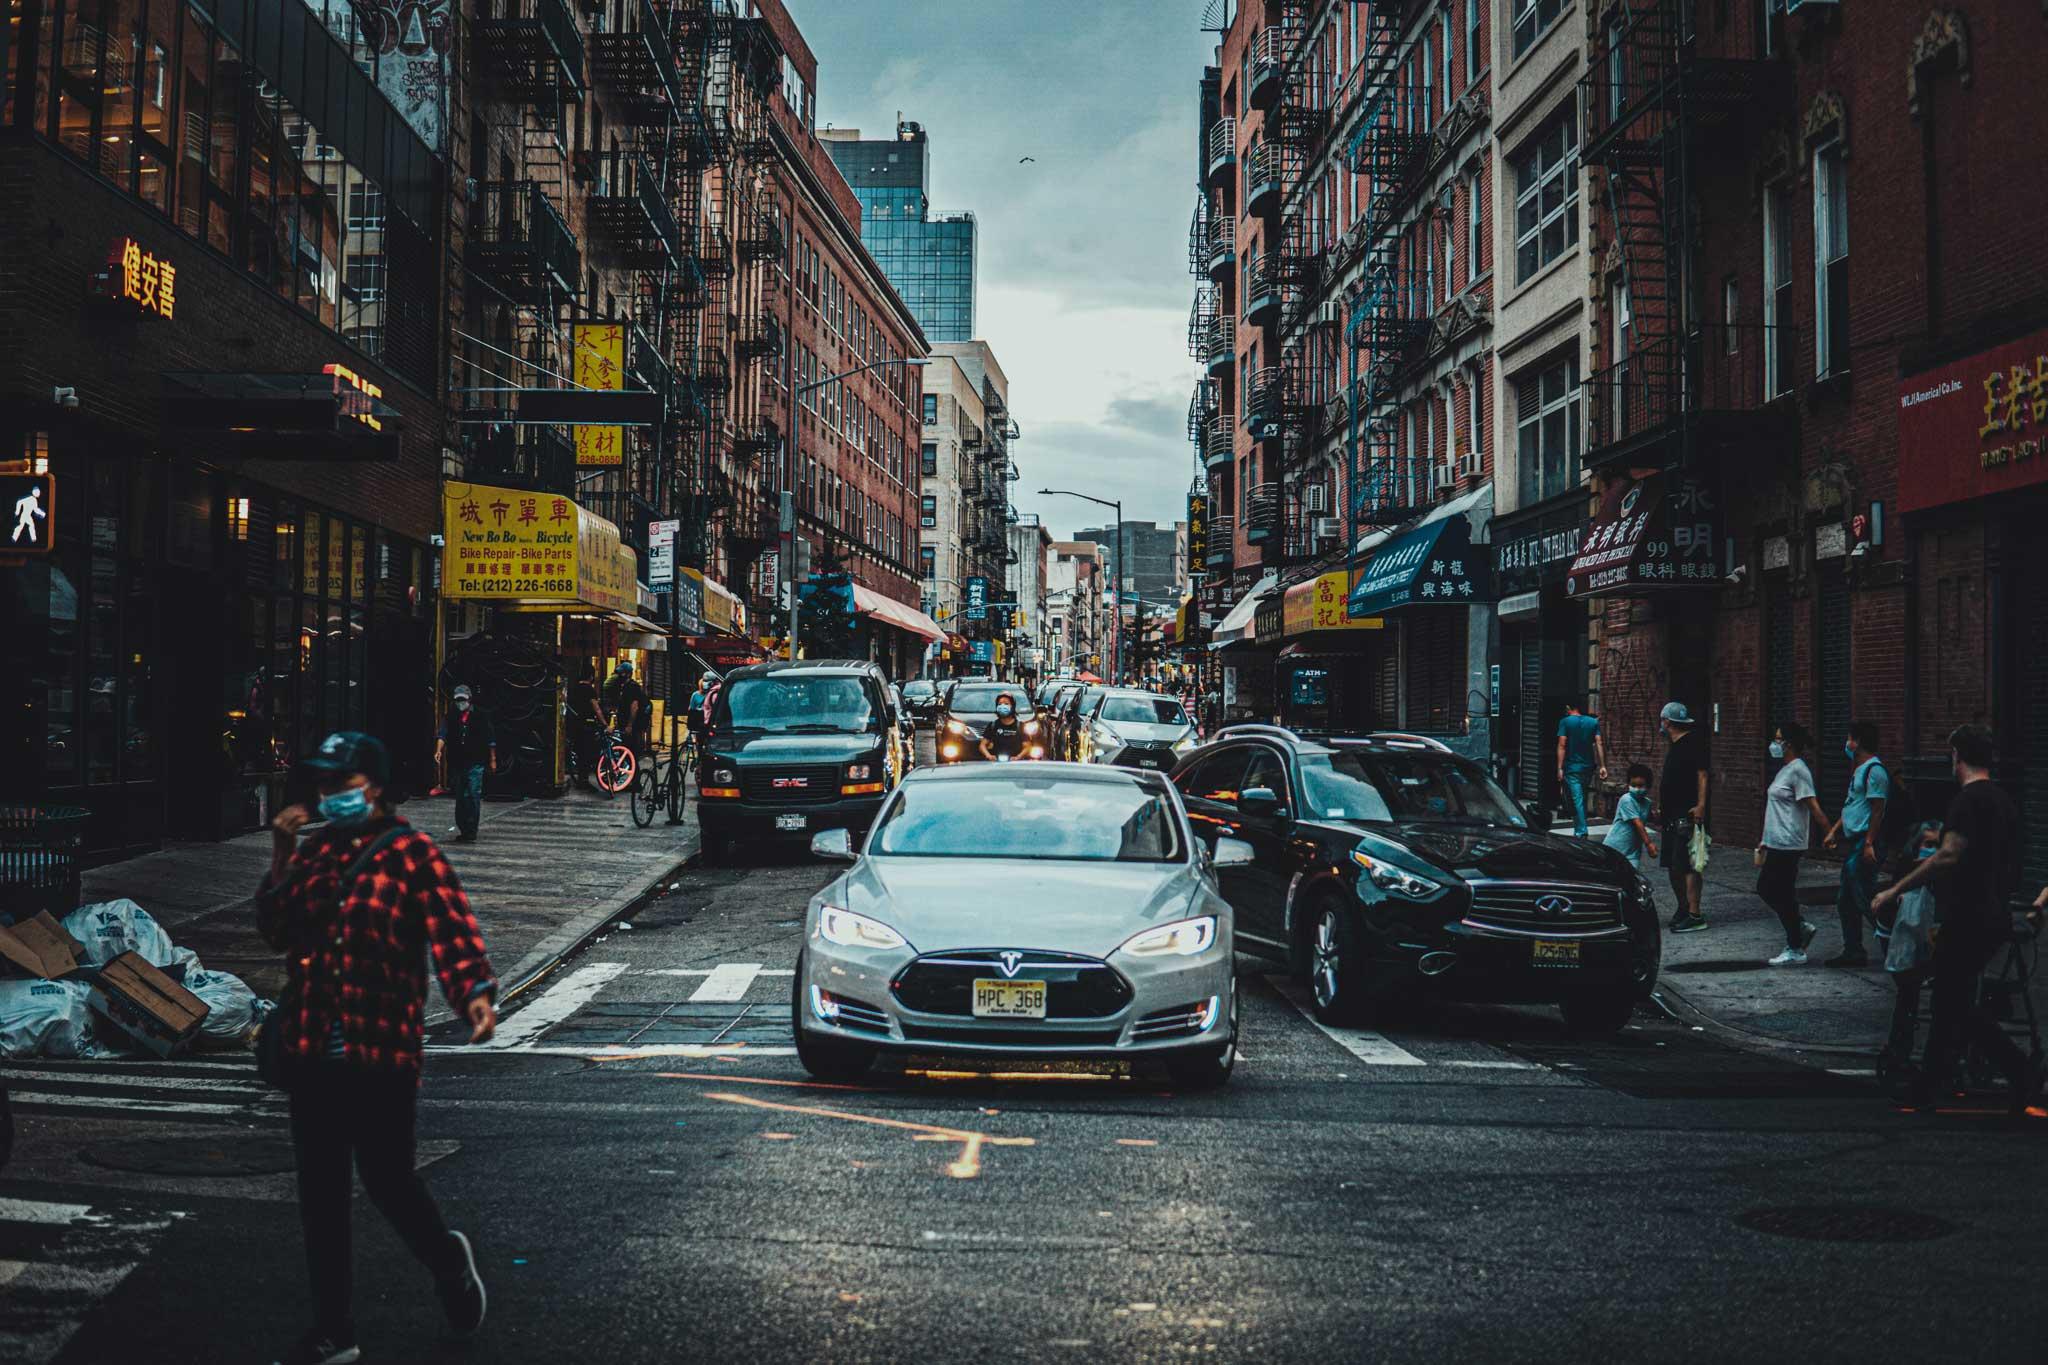 El barrio chino en nueva york